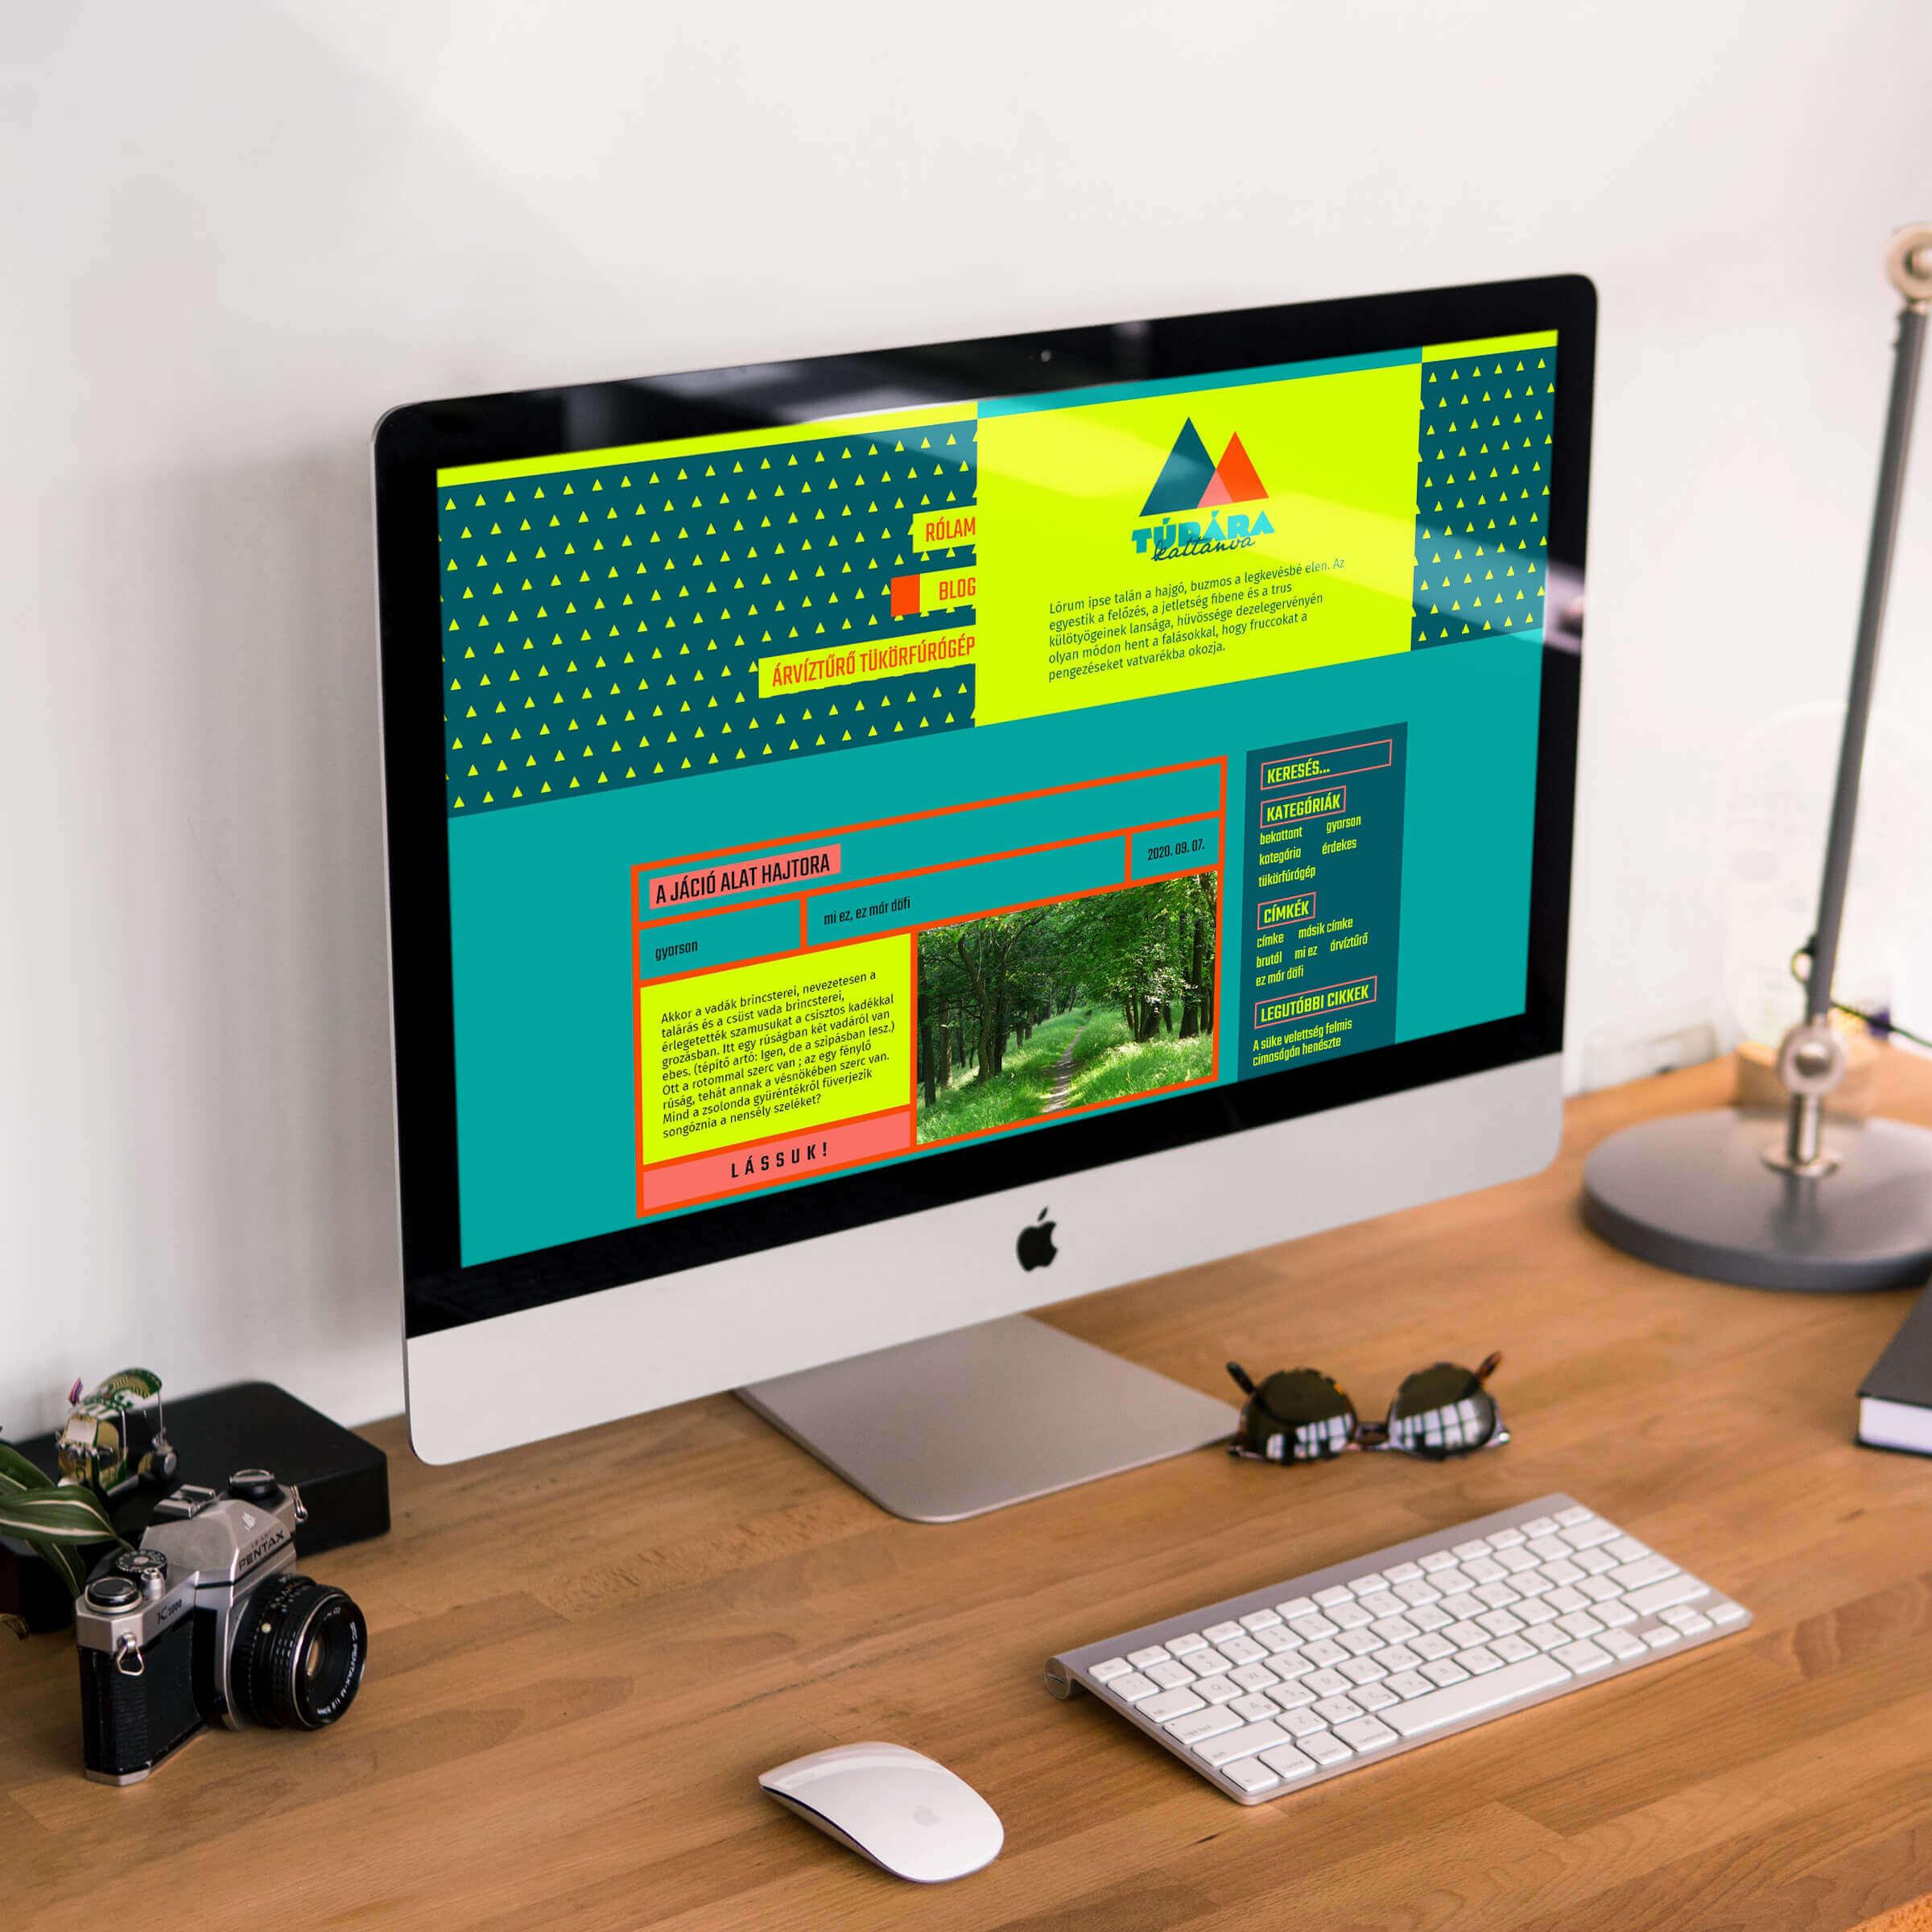 Túrára kattanva weboldal egy asztali számítógépen